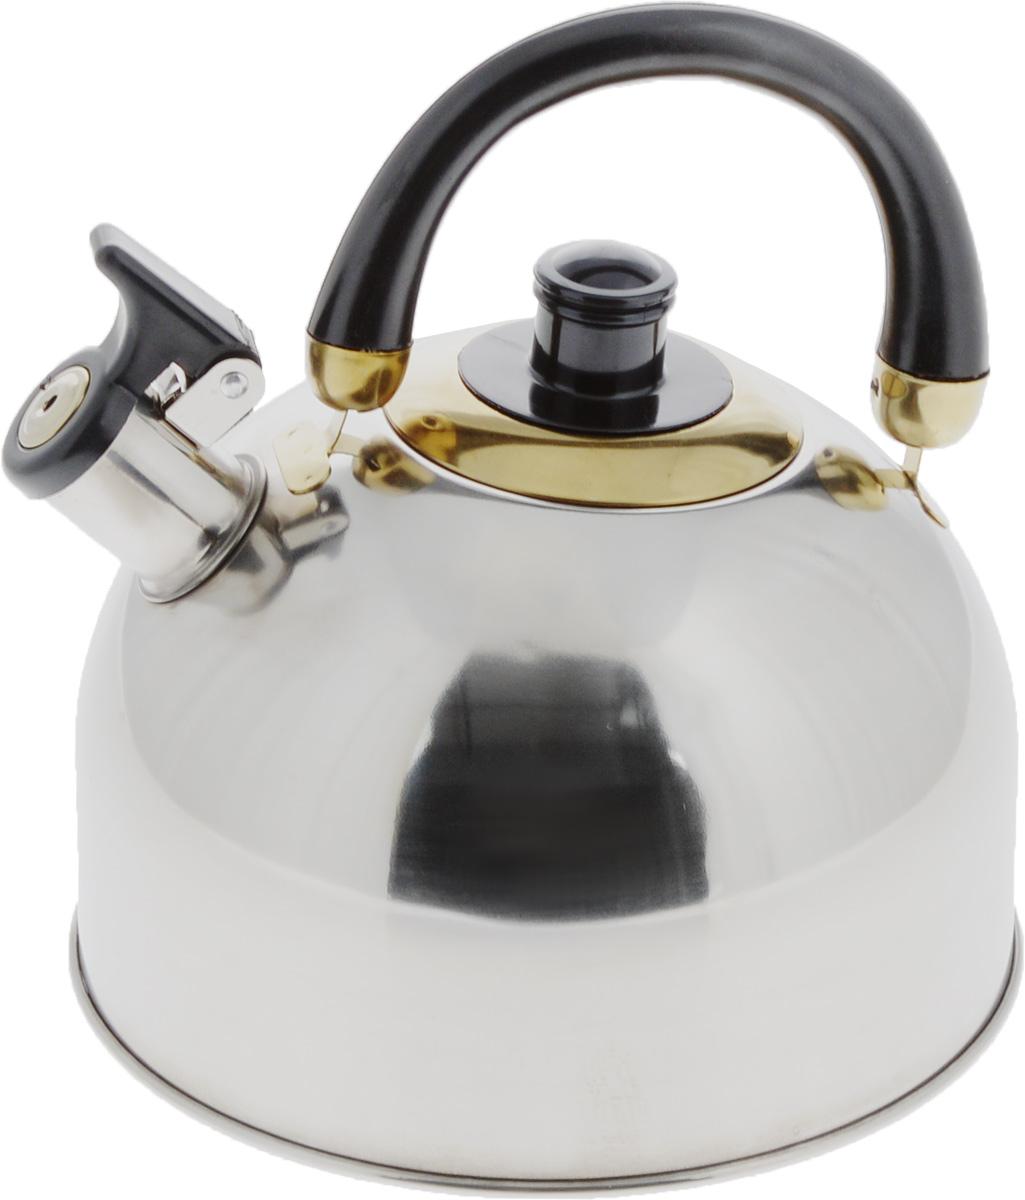 Чайник Mayer & Boch, со свистком, цвет: стальной, золотистый, черный, 4 л. 10461046chЧайник Mayer & Boch выполнен из высококачественной нержавеющей стали, что делает его весьма гигиеничным и устойчивым к износу при длительном использовании. Капсулированное дно с прослойкой из алюминия обеспечивает наилучшее распределение тепла. Носик чайника оснащен насадкой-свистком, что позволит вам контролировать процесс подогрева или кипячения воды. Подвижная ручка, изготовленная из бакелита, делает использование чайника очень удобным и безопасным. Поверхность гладкая, что облегчает уход за ним. Эстетичный и функциональный, с эксклюзивным дизайном, чайник будет оригинально смотреться в любом интерьере. Подходит для газовых, электрических, стеклокерамических и галогеновых плит. Не подходит для индукционных плит. Можно мыть в посудомоечной машине. Высота чайника (без учета ручки и крышки): 13 см. Высота чайника (с учетом ручки и крышки): 21,5 см. Диаметр чайника (по верхнему краю): 8,5 см.